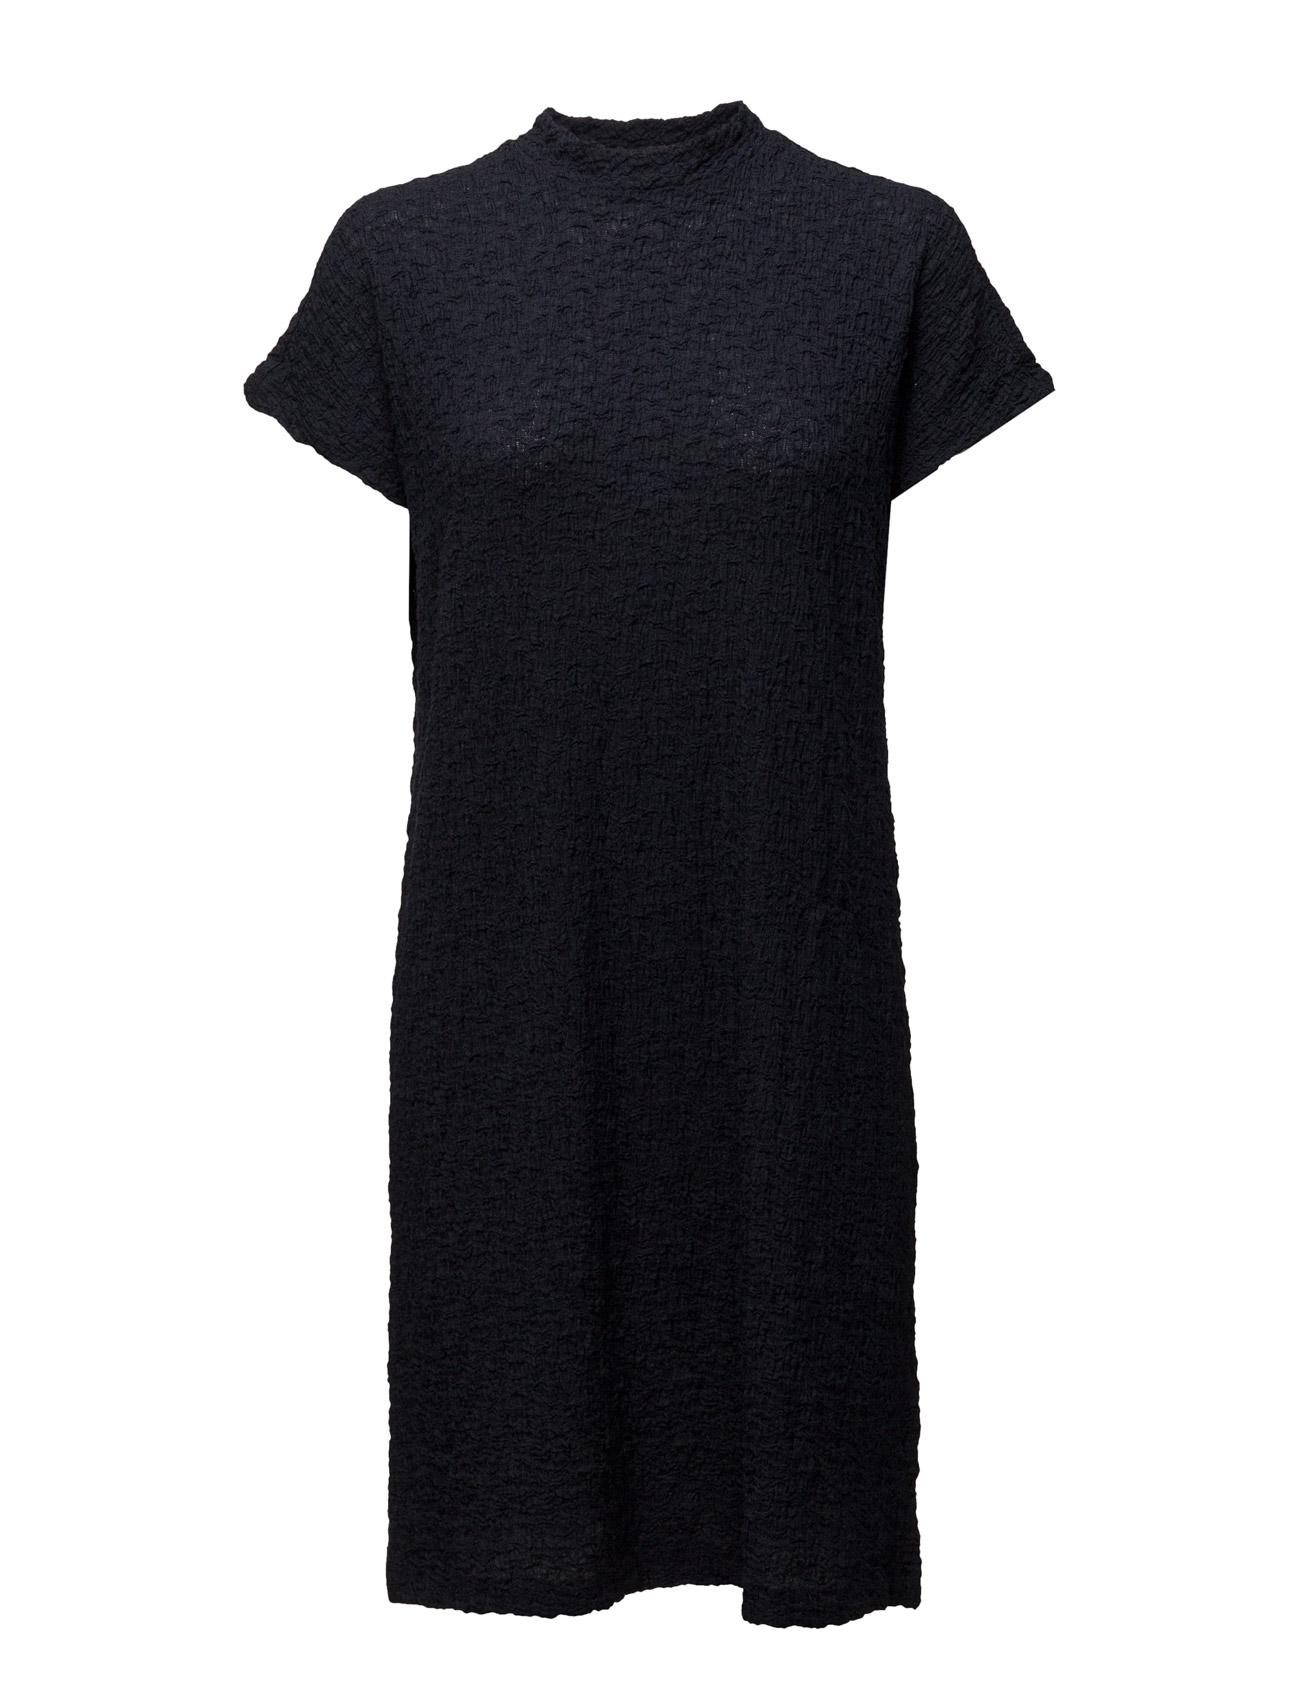 Doun Dress 7425 Samsøe & Samsøe Striktøj til Kvinder i Mørk Sapphire